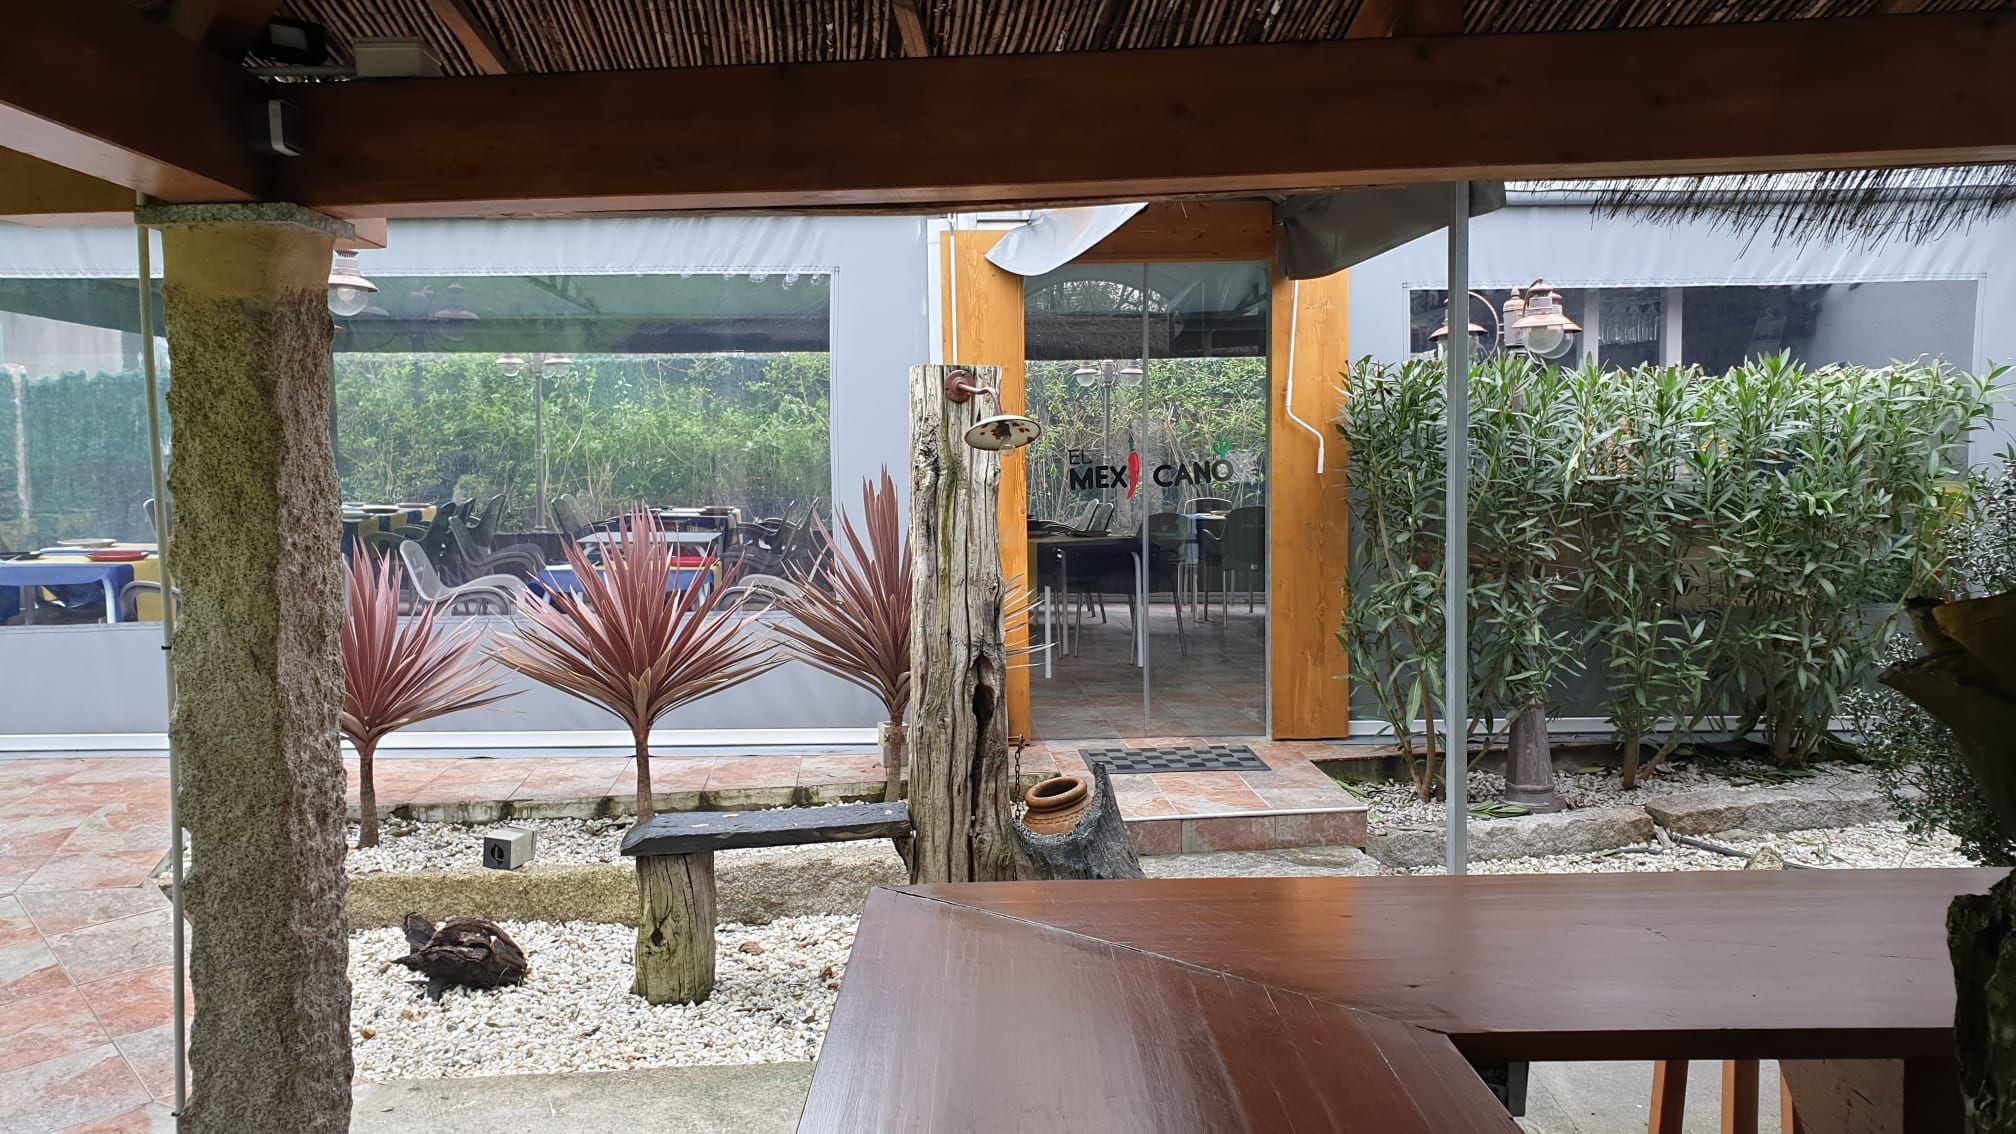 Foto 5 de Restaurante de cocina mexicana en    El Mexicano Autentico